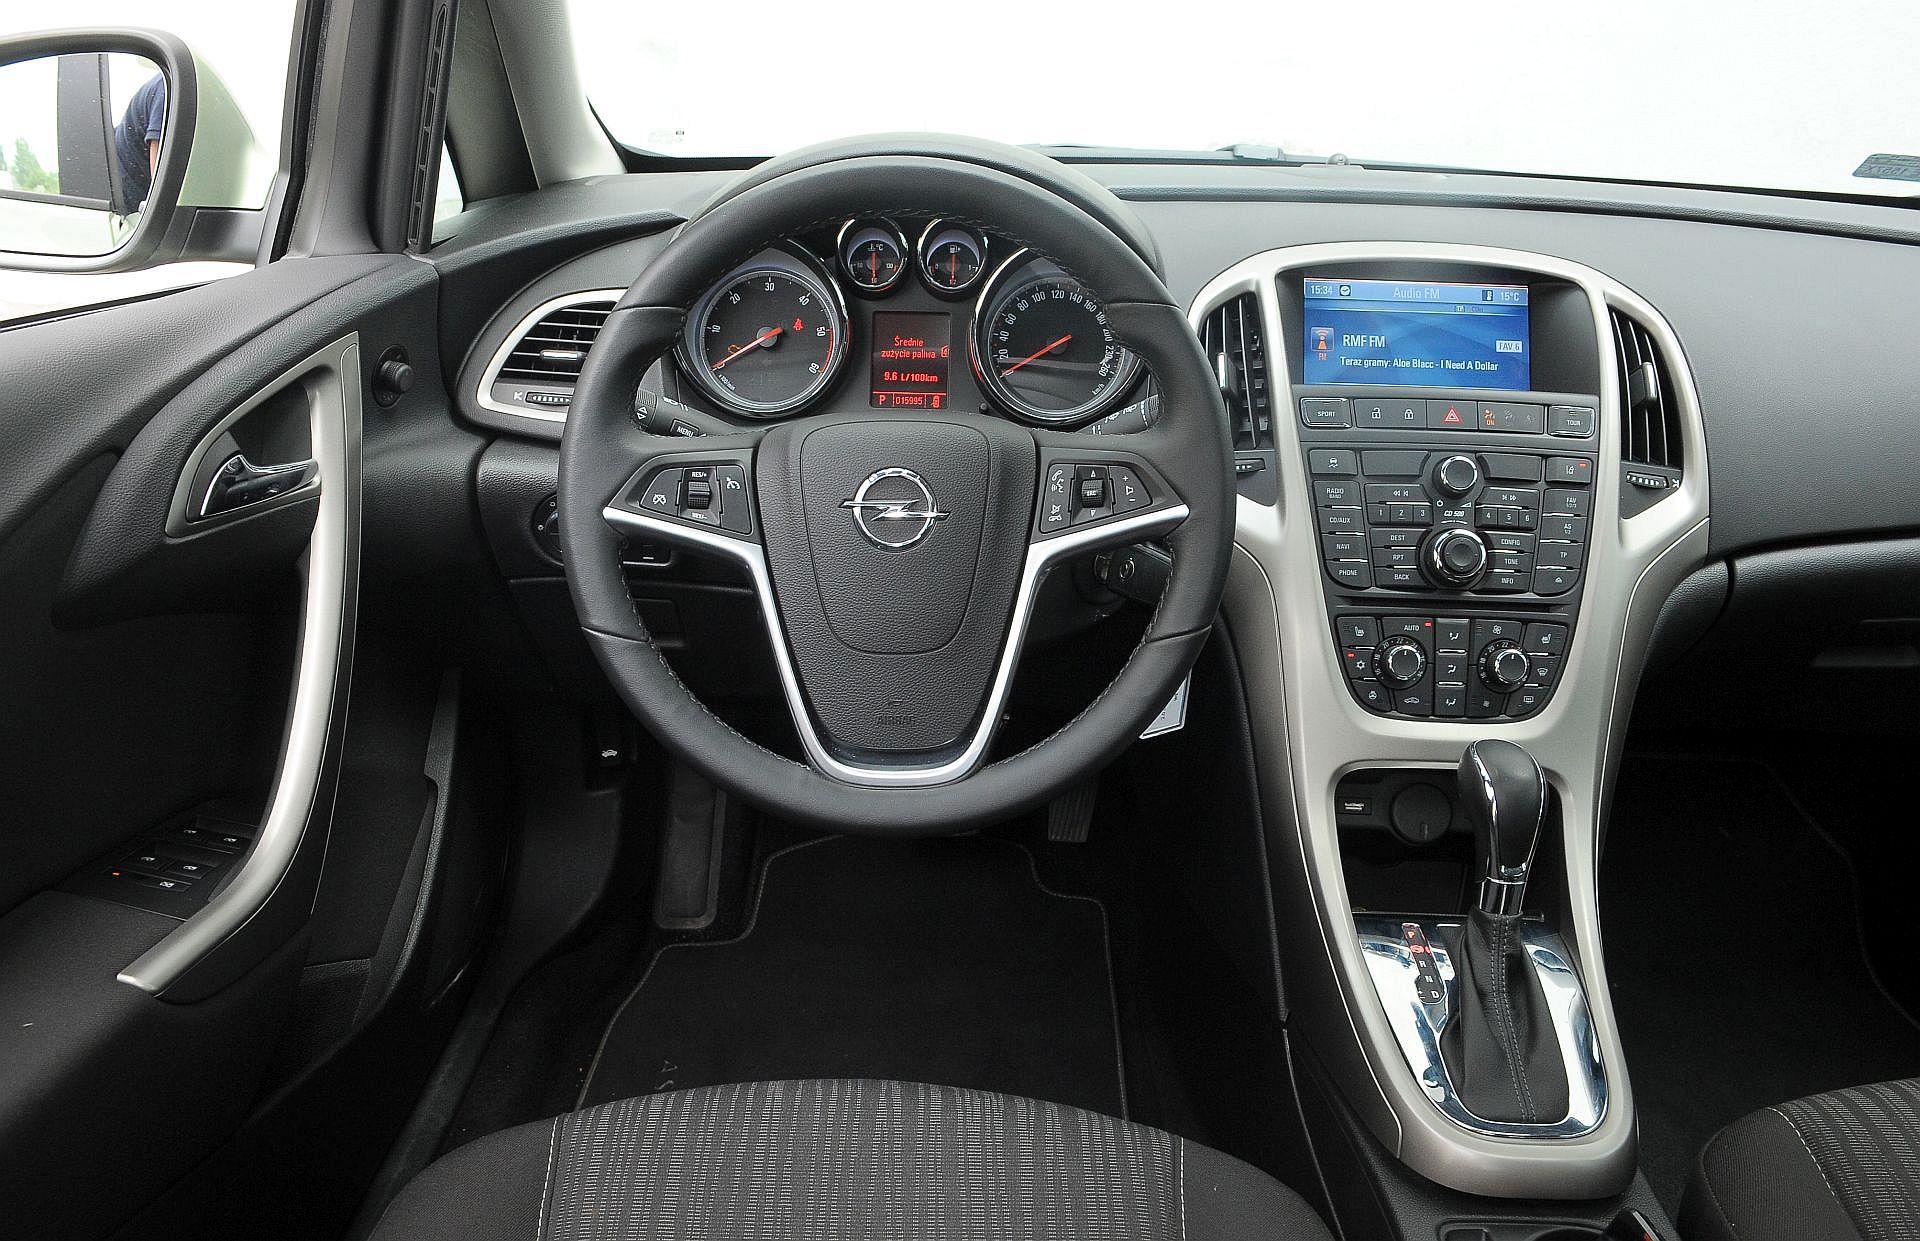 Uzywany Opel Astra Iii H I Opel Astra Iv J Ktora Generacje Wybrac